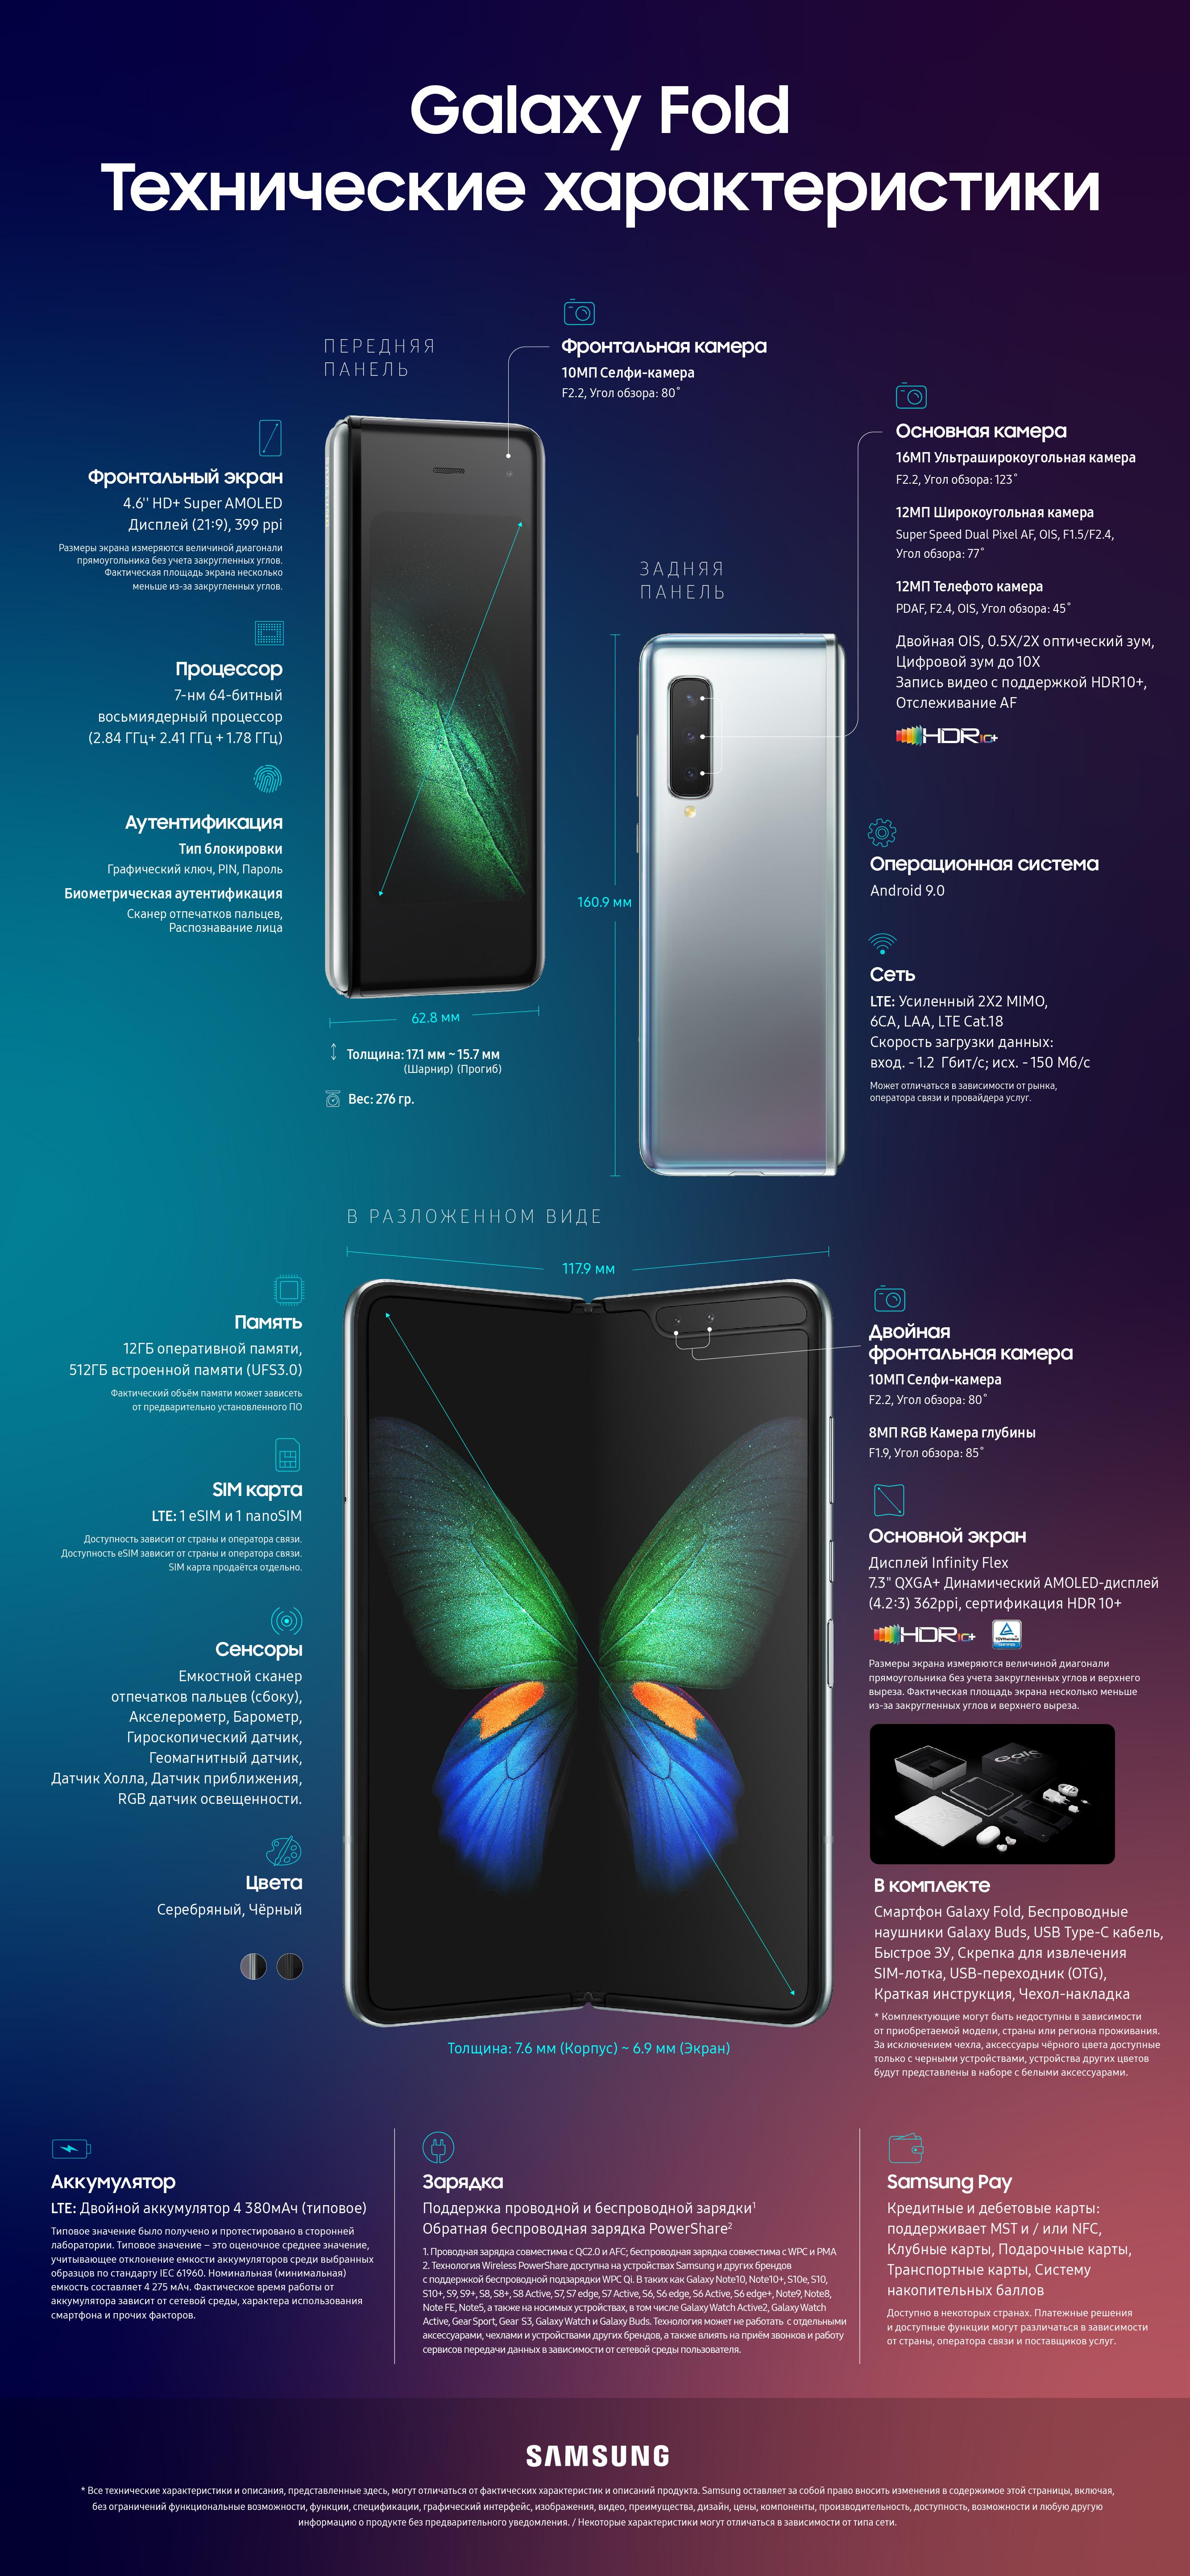 Samsung Galaxy Fold с гибким экраном поступит в продажу в России 25 октября